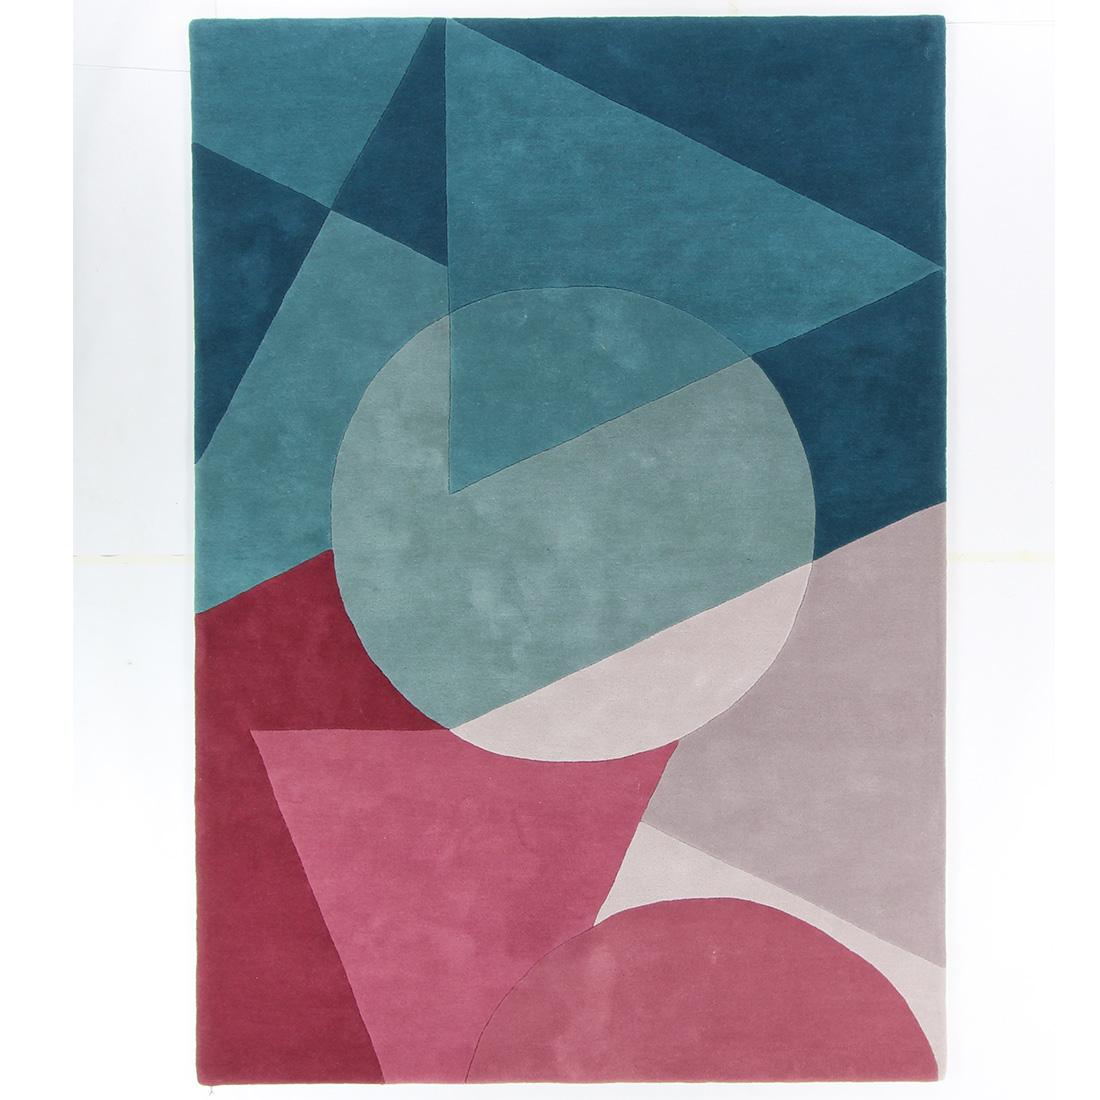 Vloerkleed Brinker Gaudion Alfeo | 170 x 230 cm